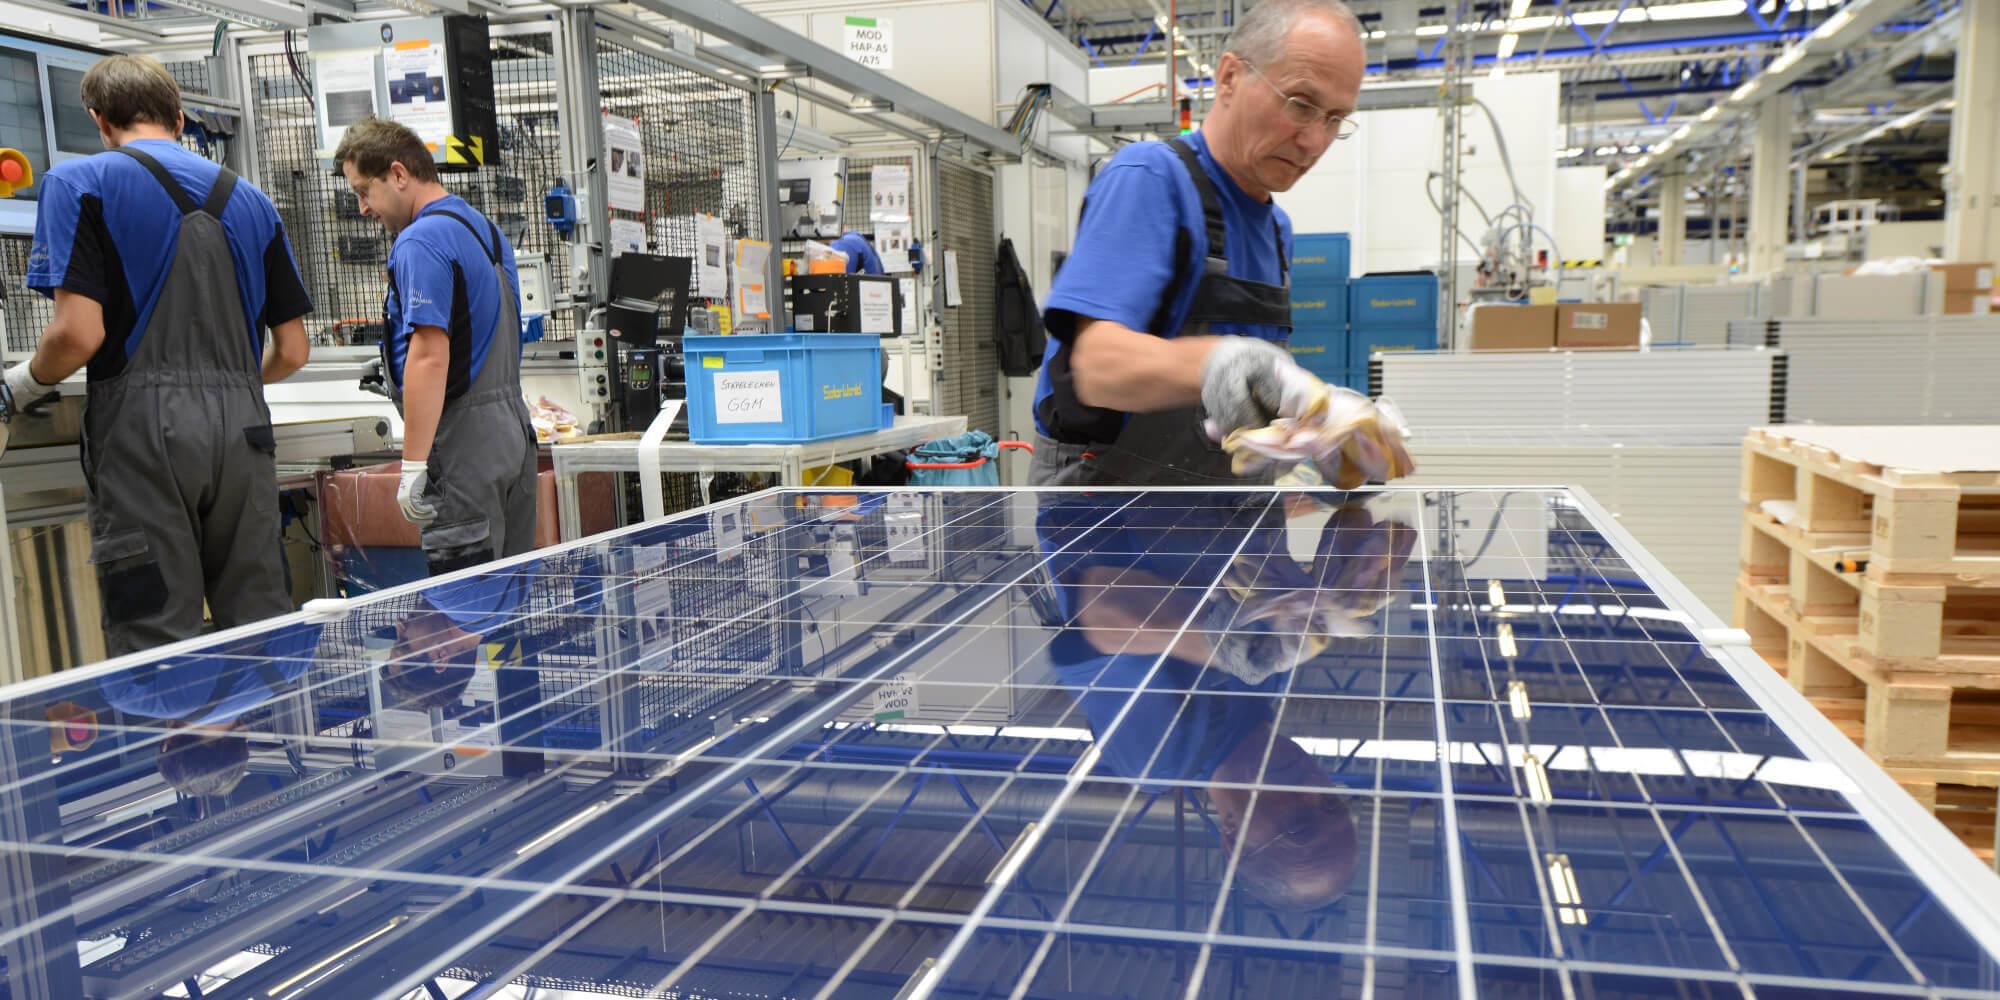 nhà cung cấp tấm năng lượng mặt trời